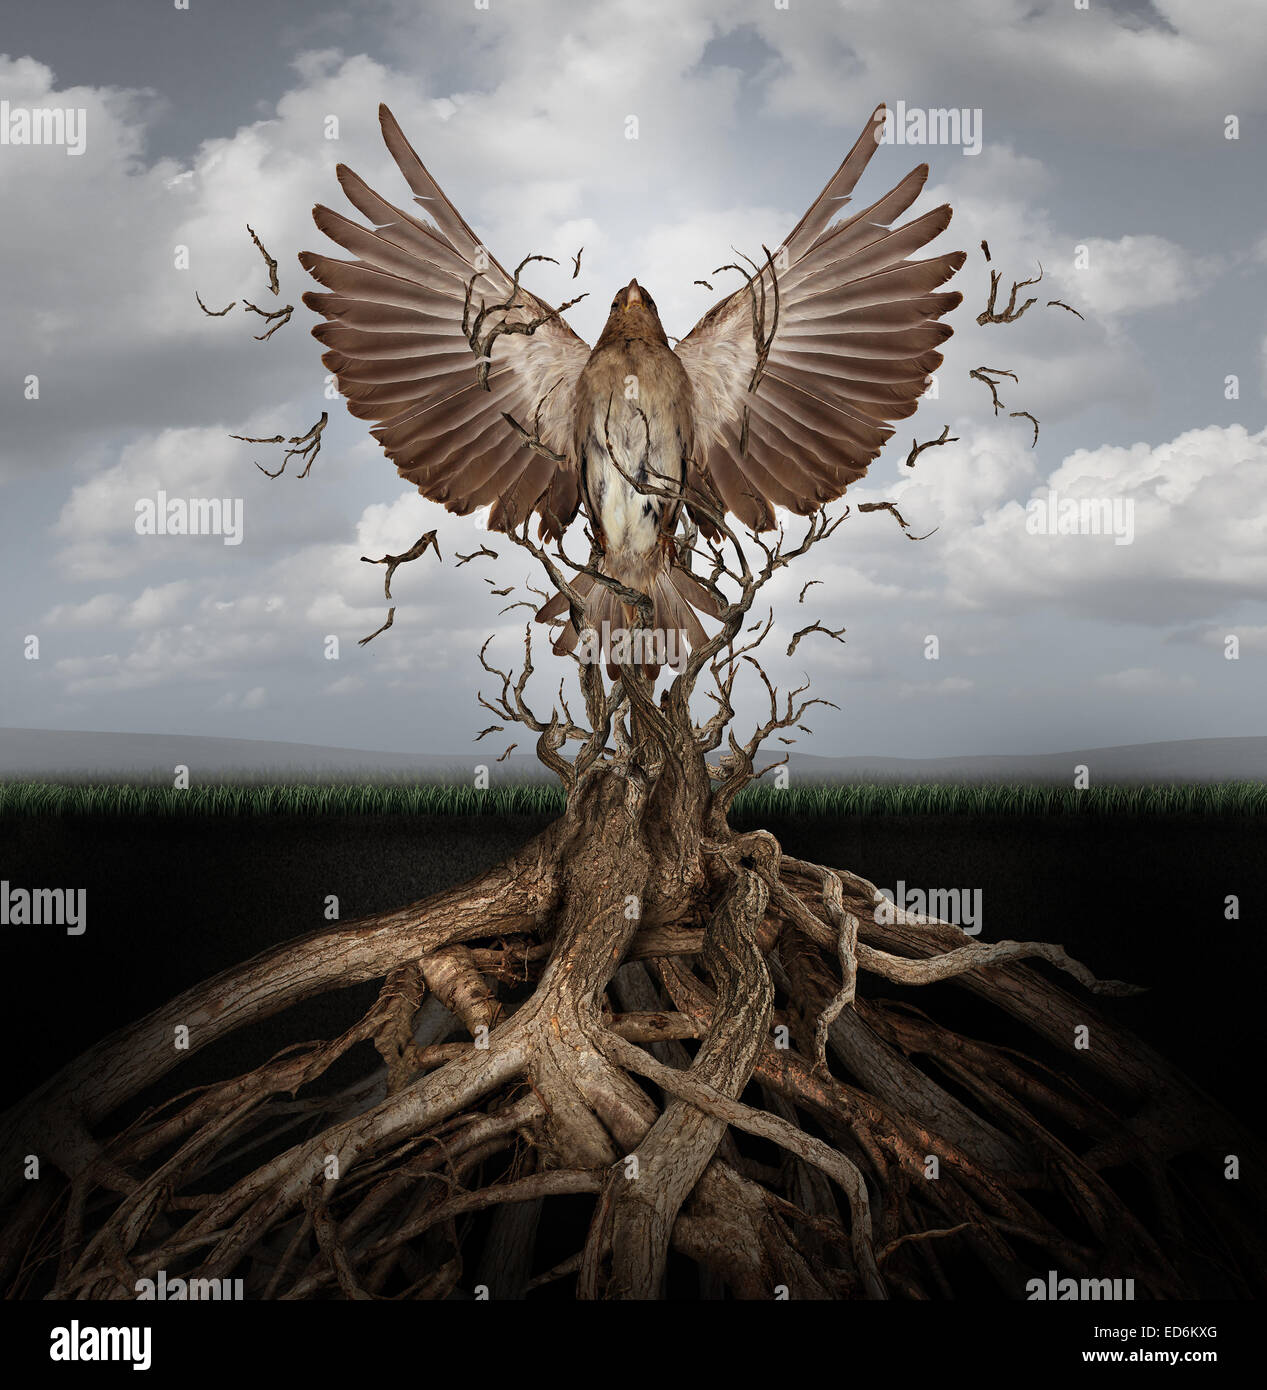 Neues Leben frei wie ein Konzept für Freiheit und macht zu brechen, wie der Aufstieg des Phönix wiedergeboren Stockbild